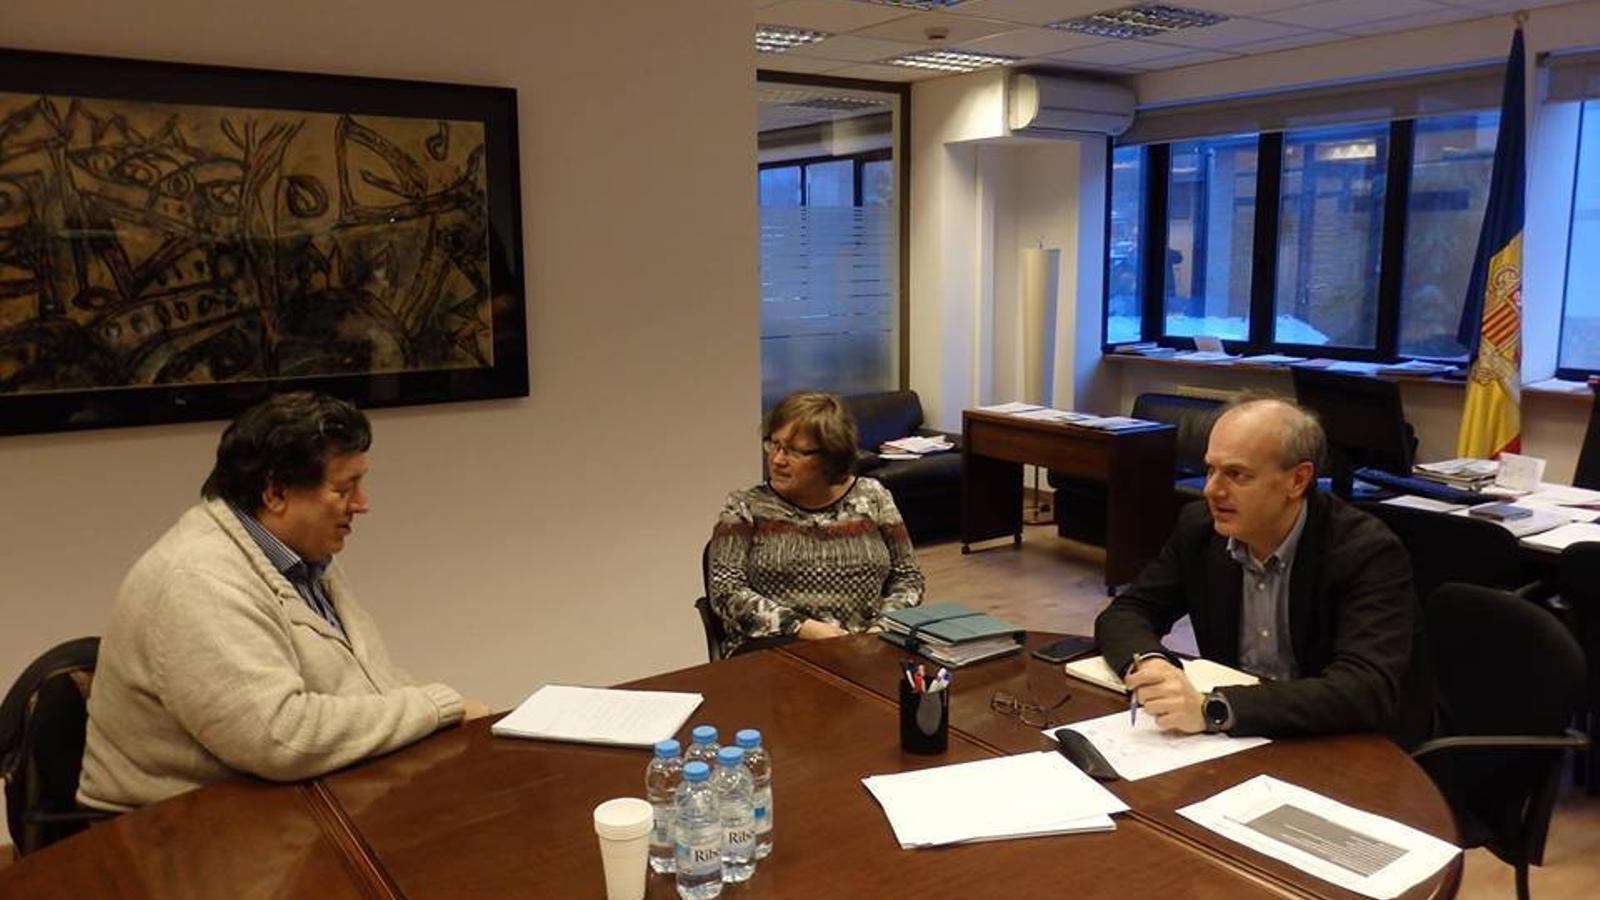 El ministre de Salut, Carles Álvarez Marfany, durant una reunió amb el president de l'Associació andorrana contra el càncer, Josep Saravia. / Assandca